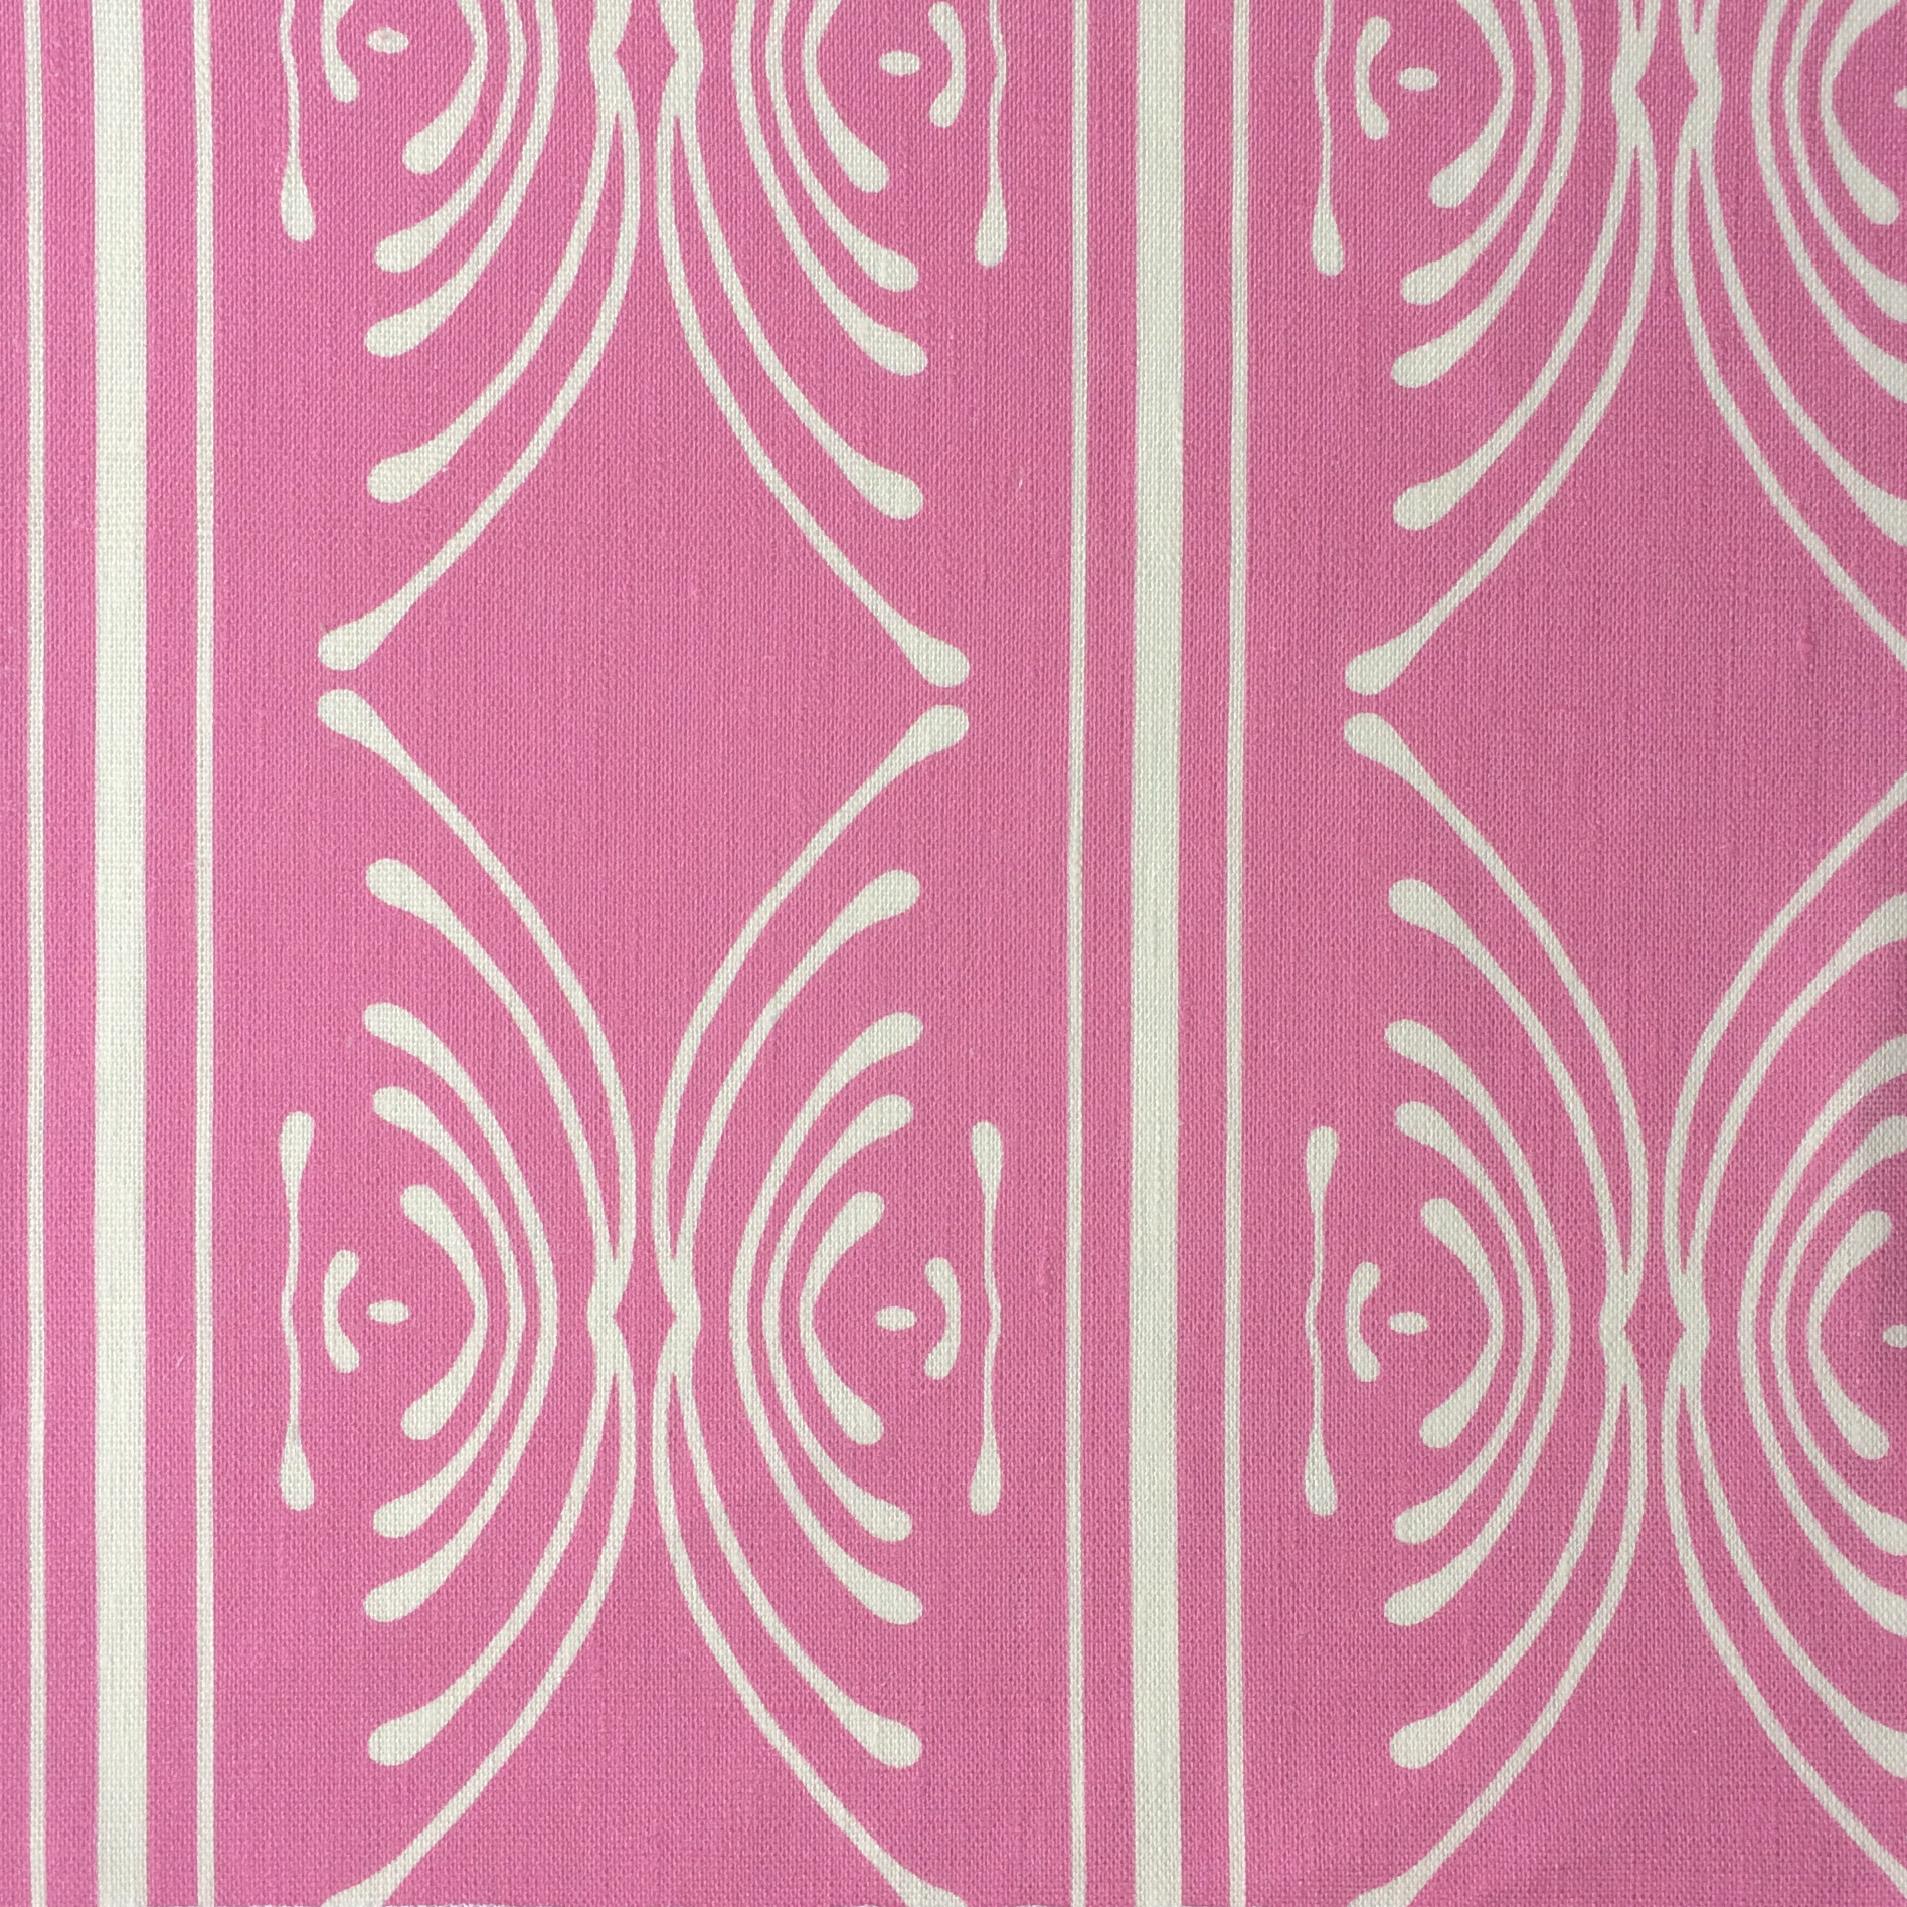 Large Kris Kross: Pink